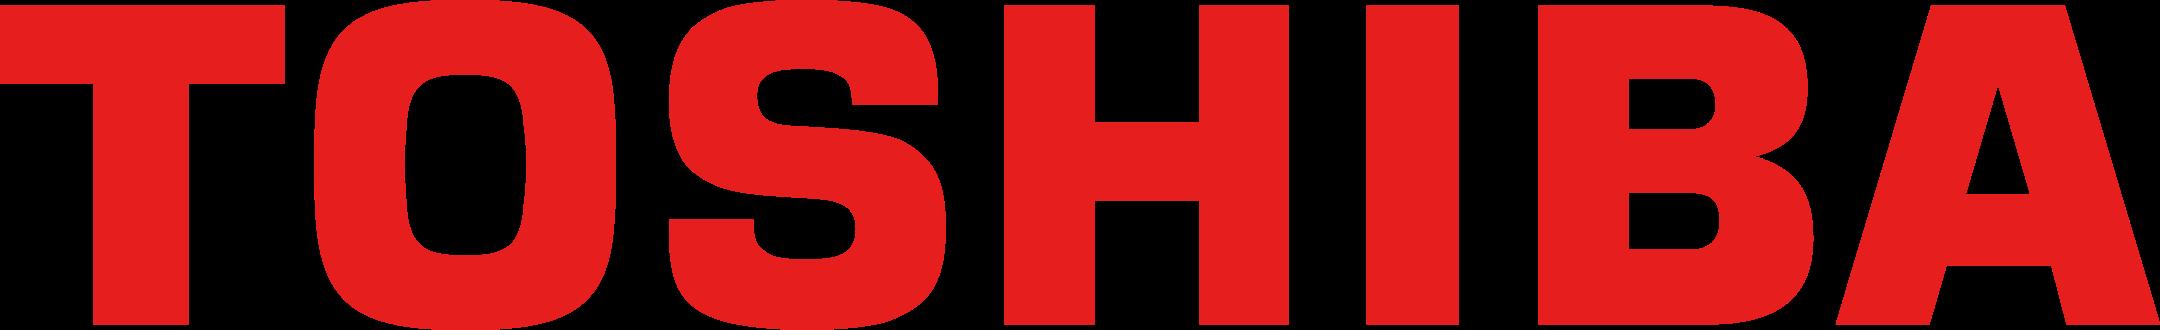 toshiba logo 1 1 - Toshiba Logo